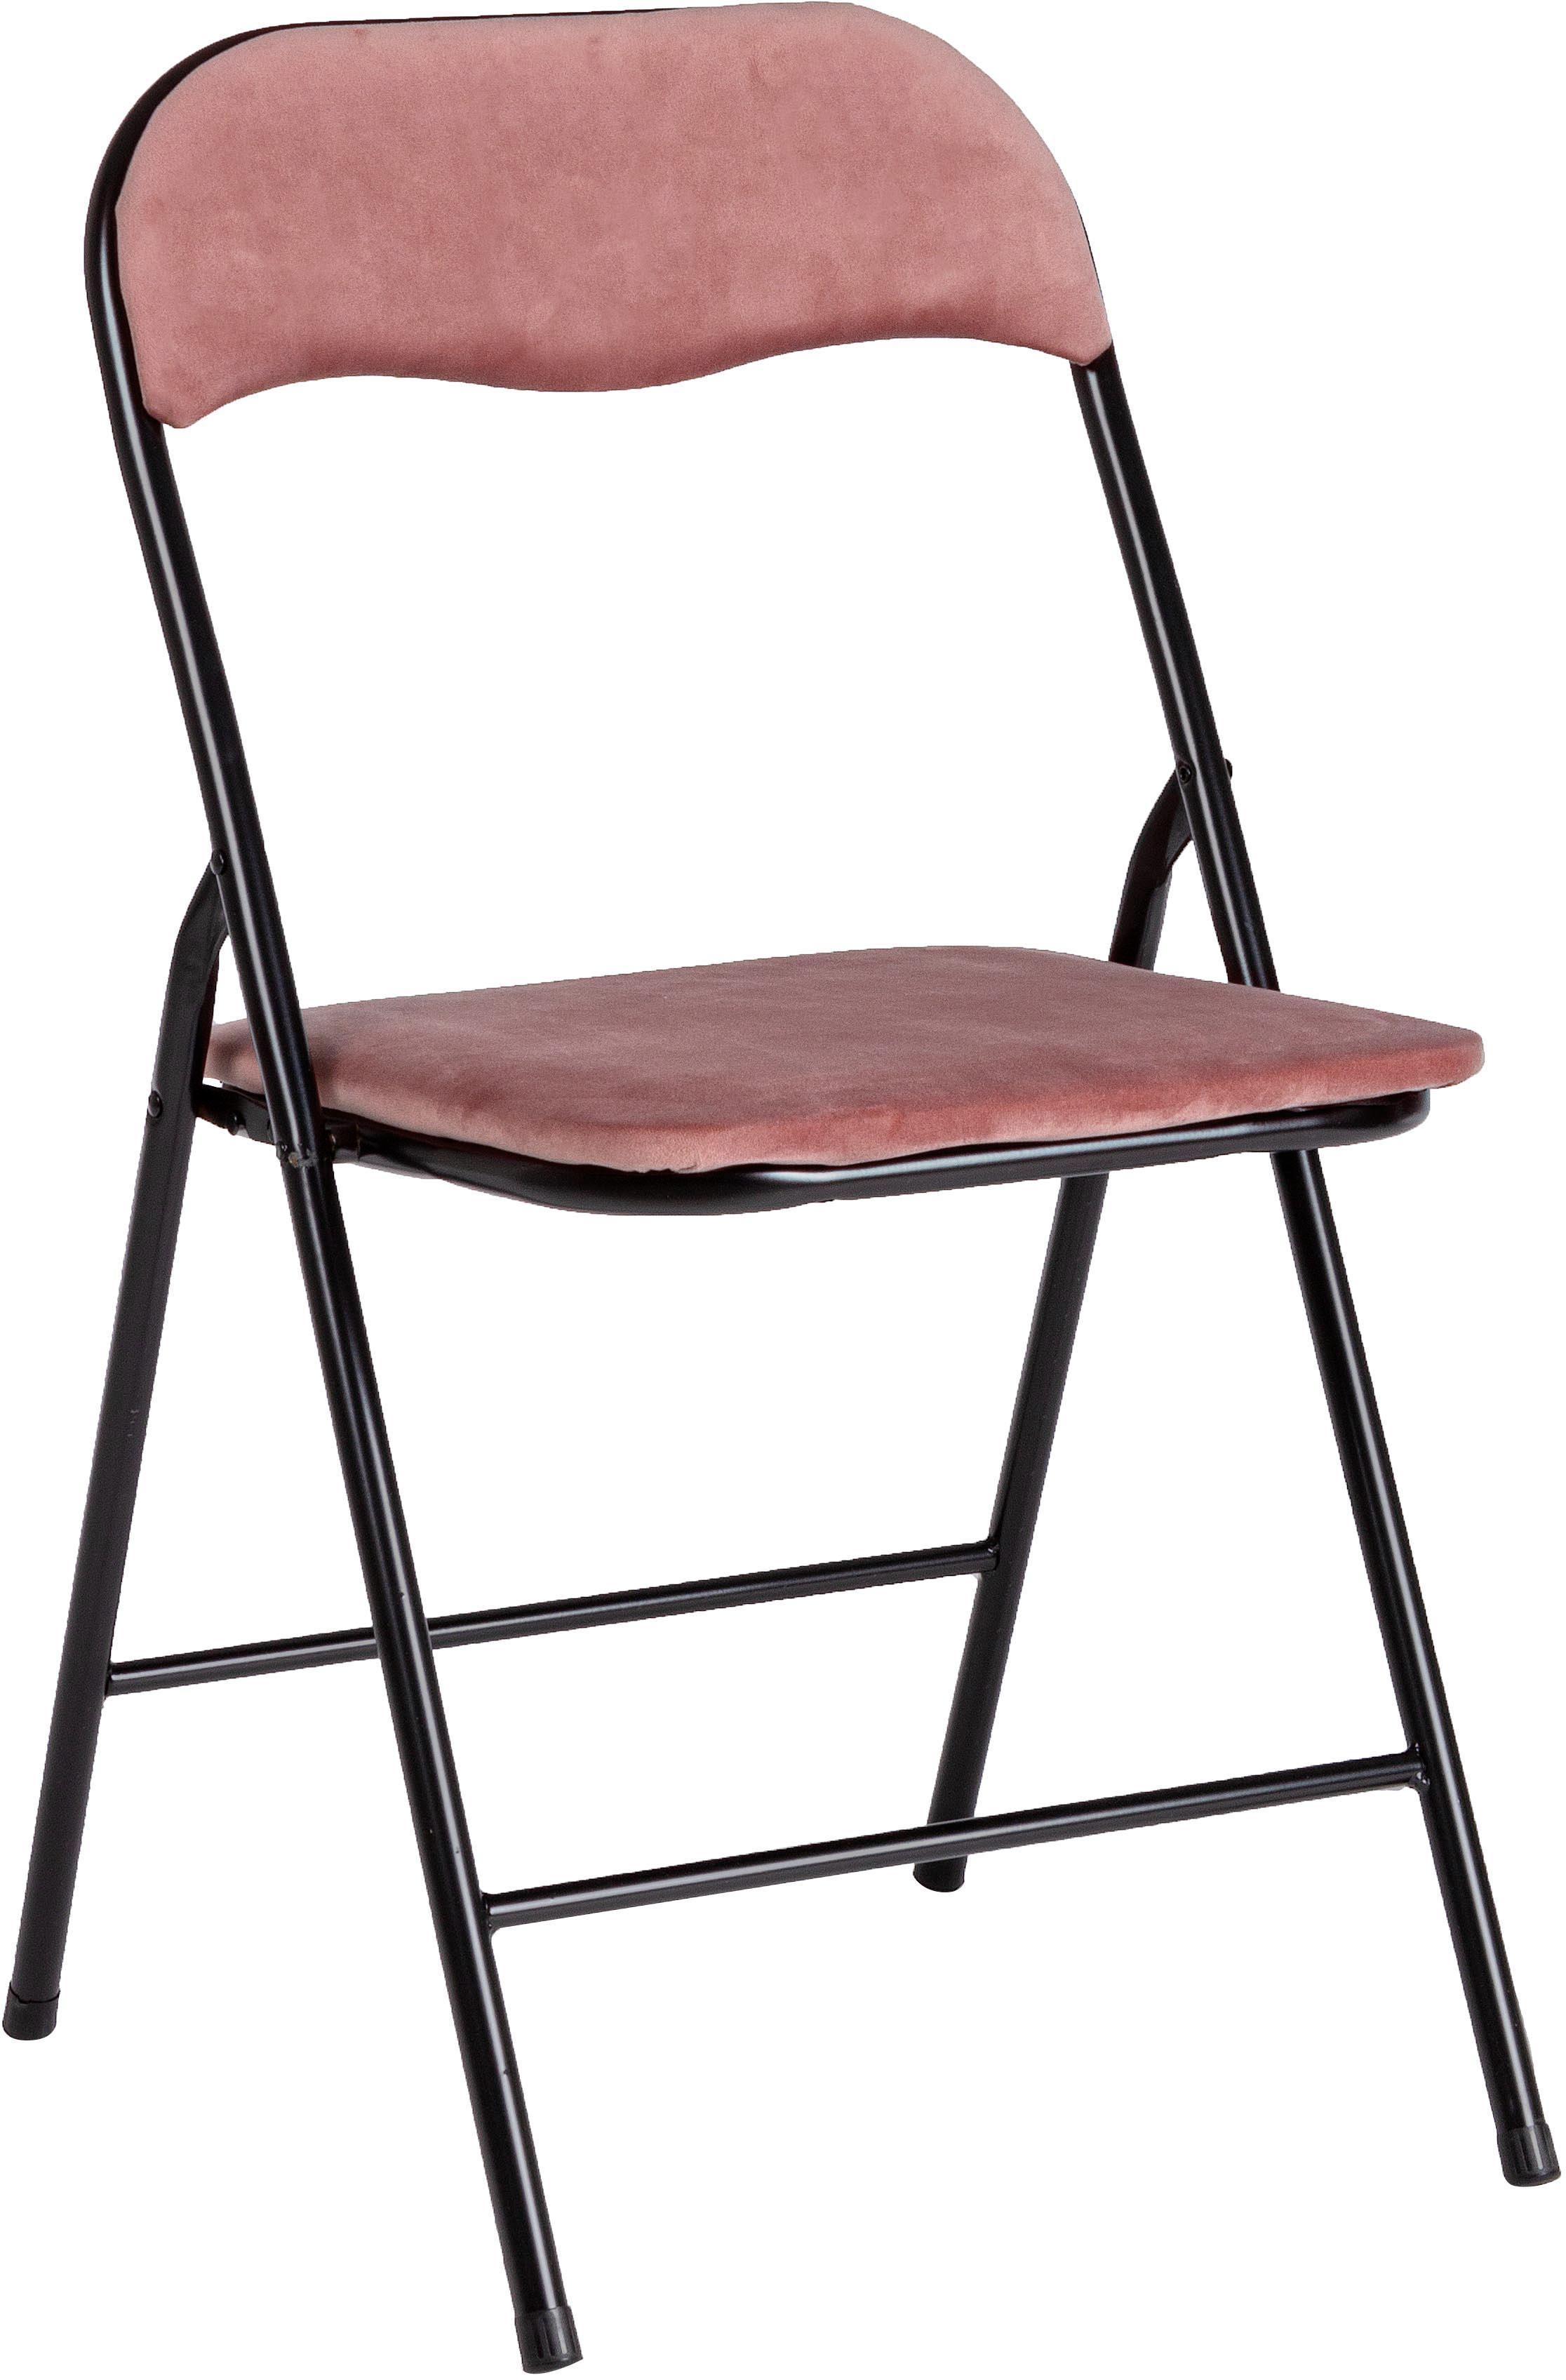 Samt-Klappstuhl Amal, Bezug: Polyestersamt, Gestell: Metall, pulverbeschichtet, Pink, Grau, B 44 x T 44 cm